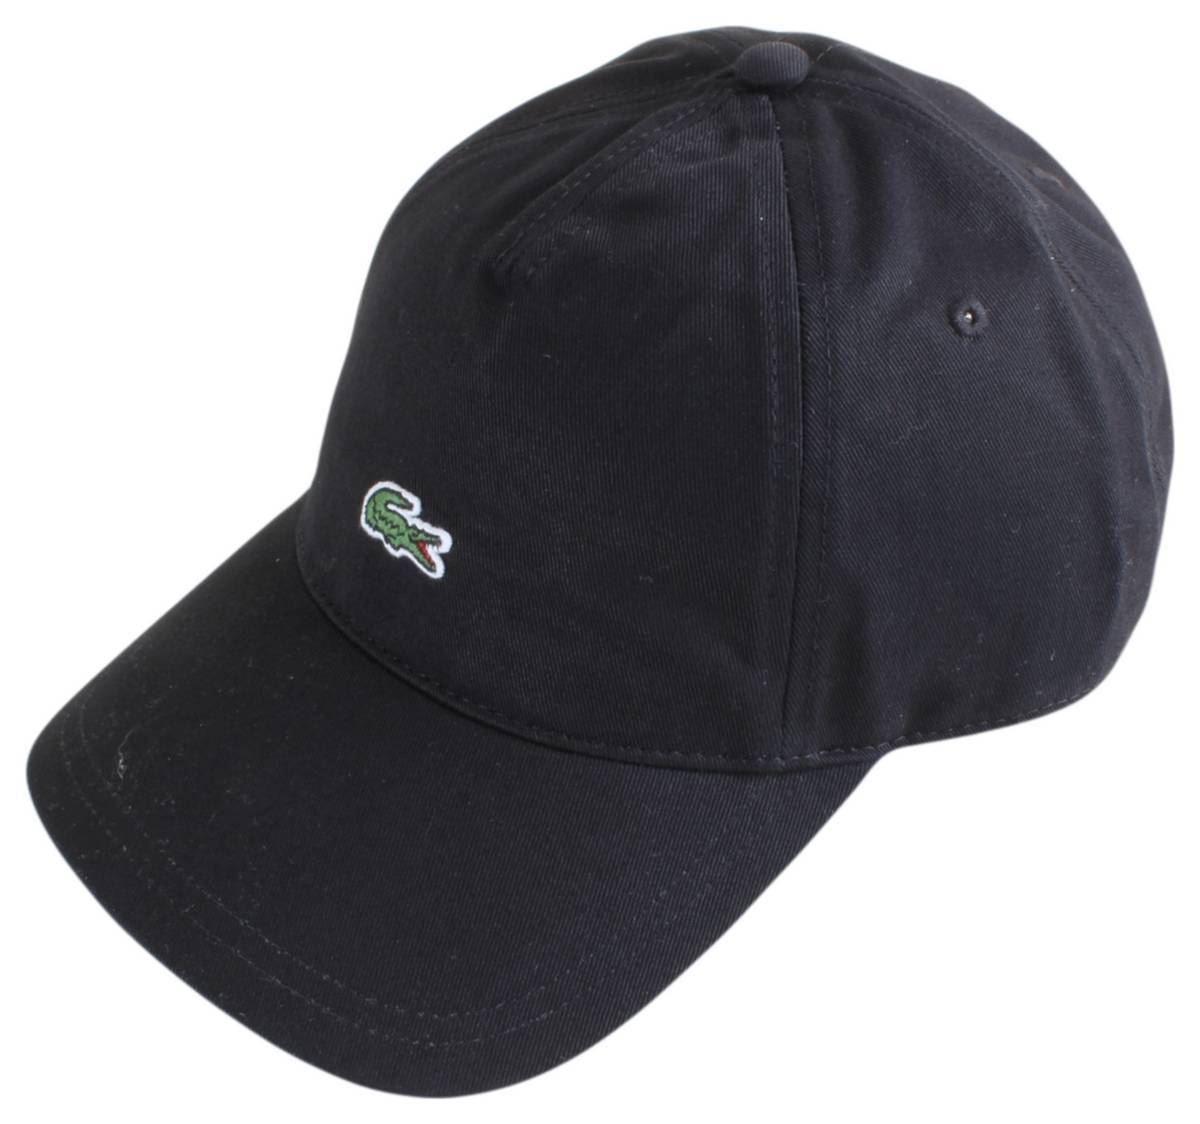 668b0a5ea Lacoste Mens Embroidered Crocodile Cap - Black 3614035355317